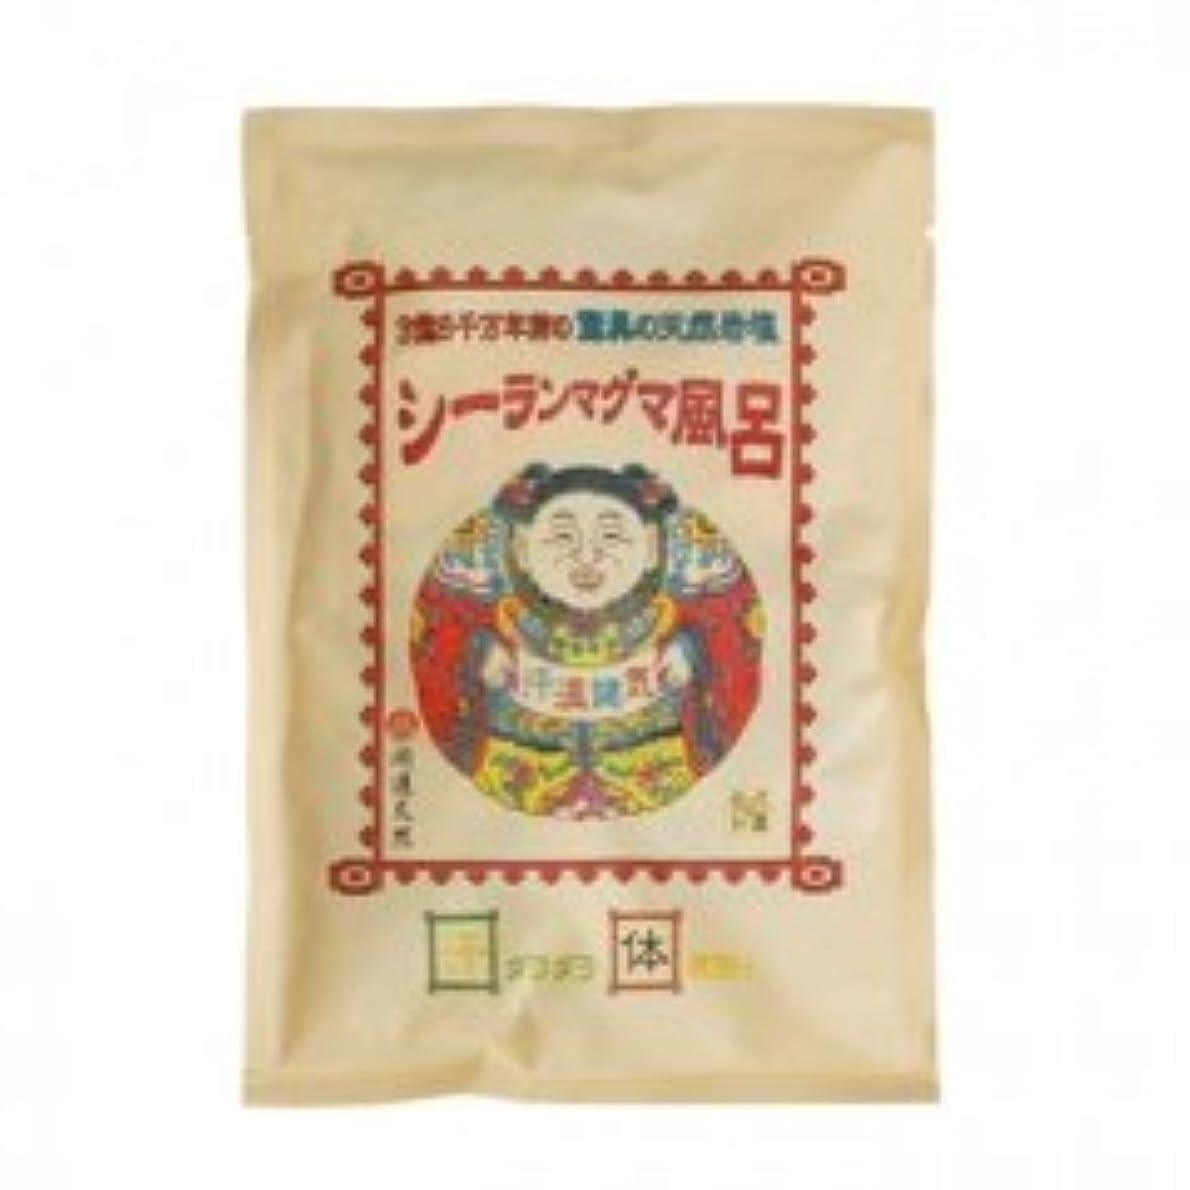 封筒カビ経過元祖シーランマグマ風呂 25g×45